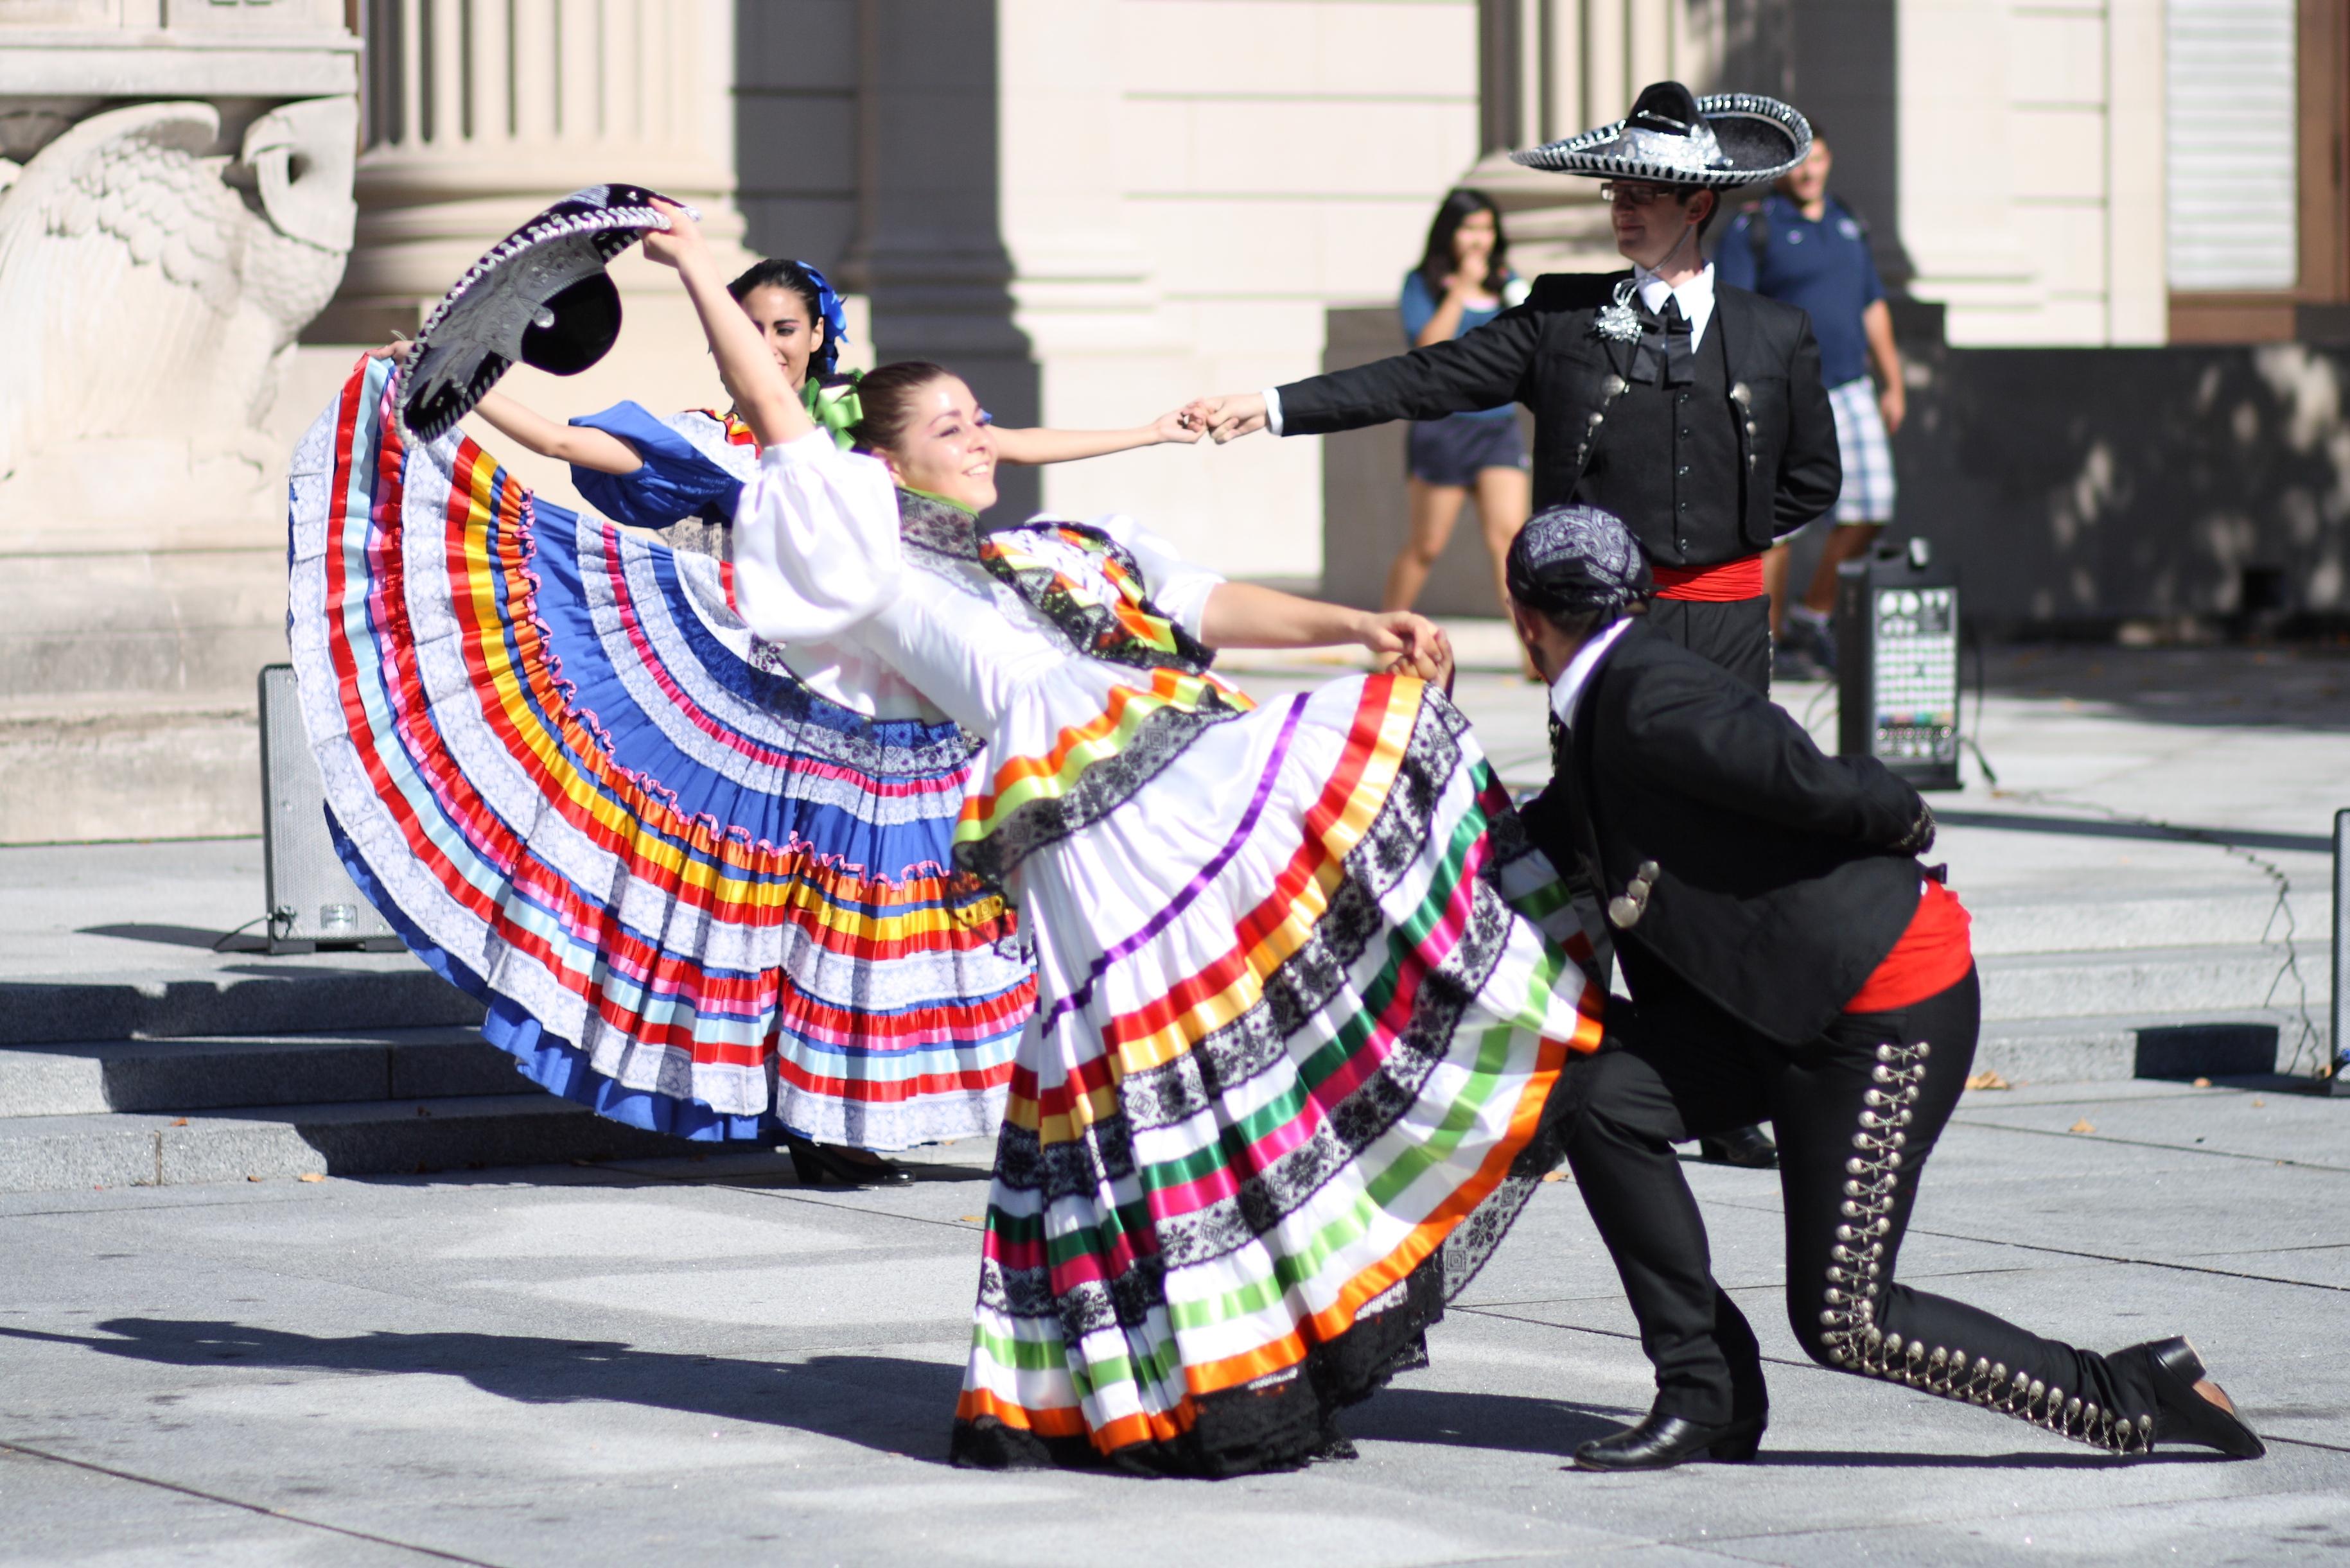 Baile Folklorico Dancer